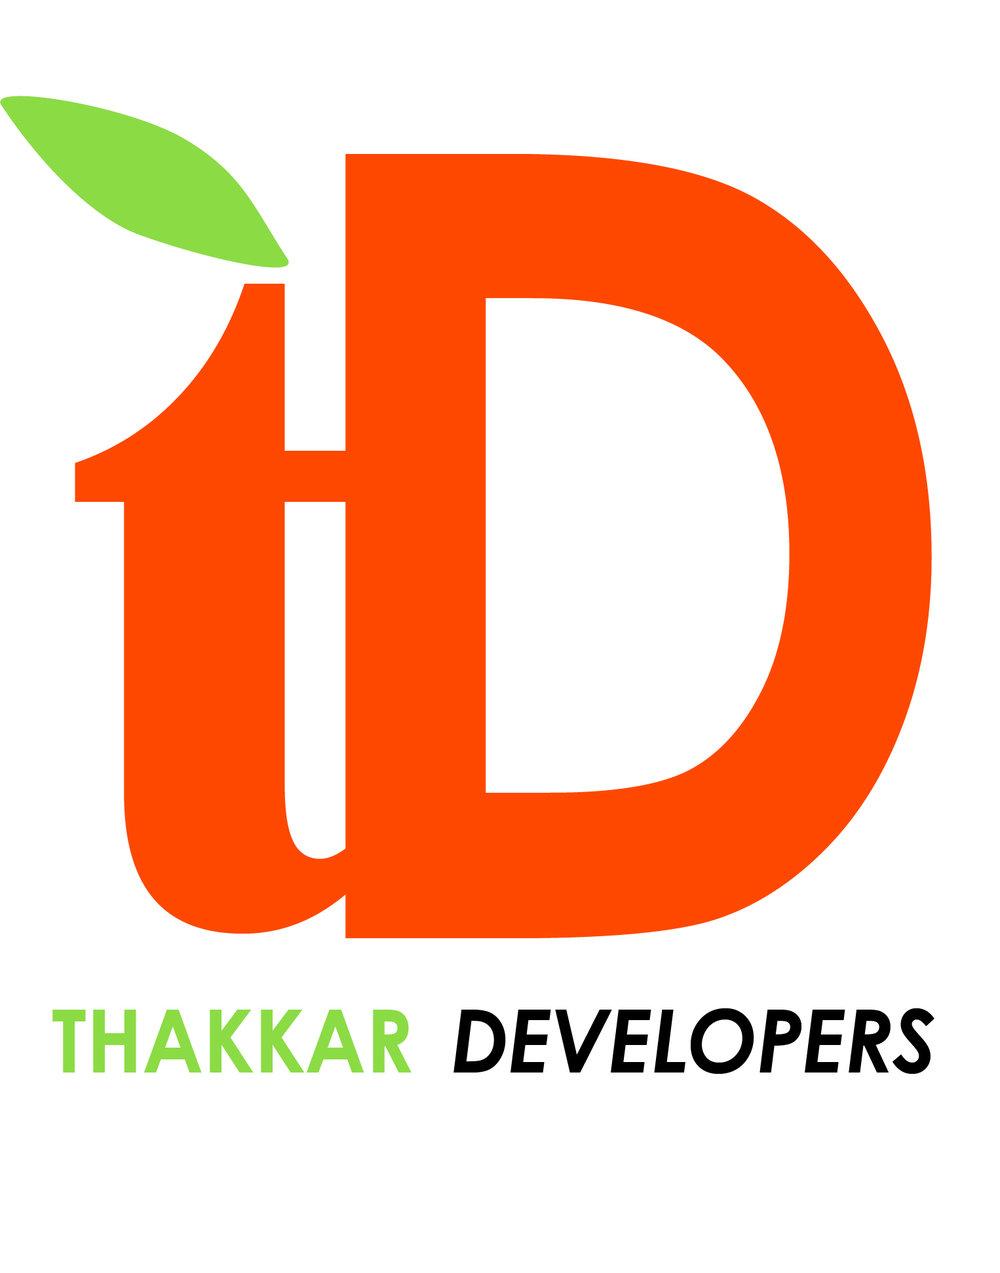 Thakkar Developers.jpg